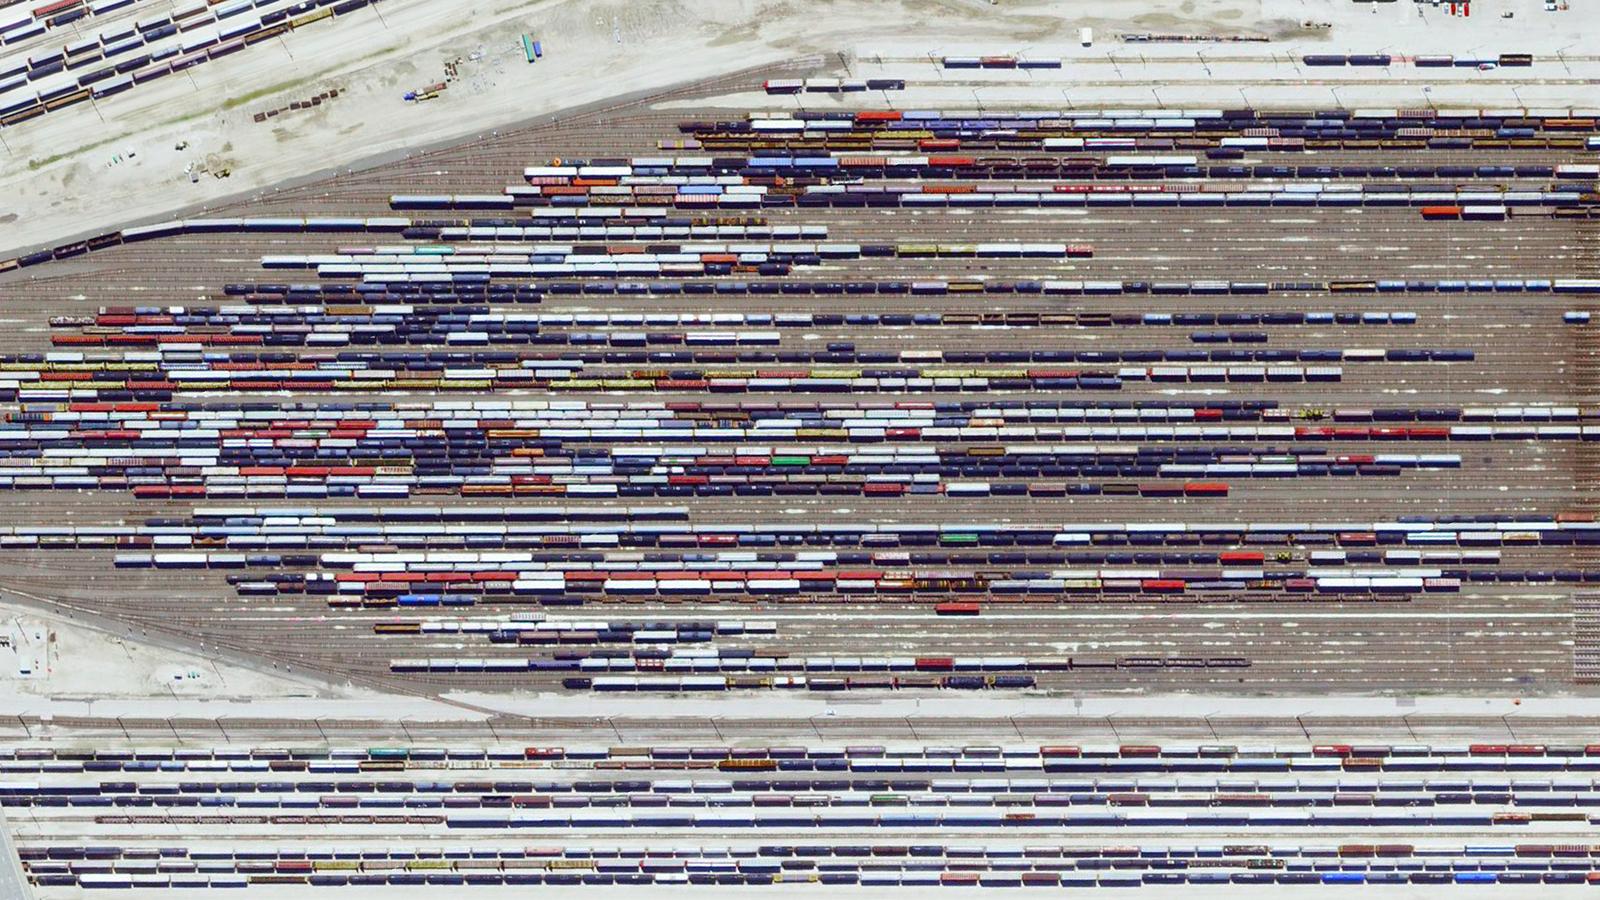 Ranžirni koloseci snimljeni iz vazduha